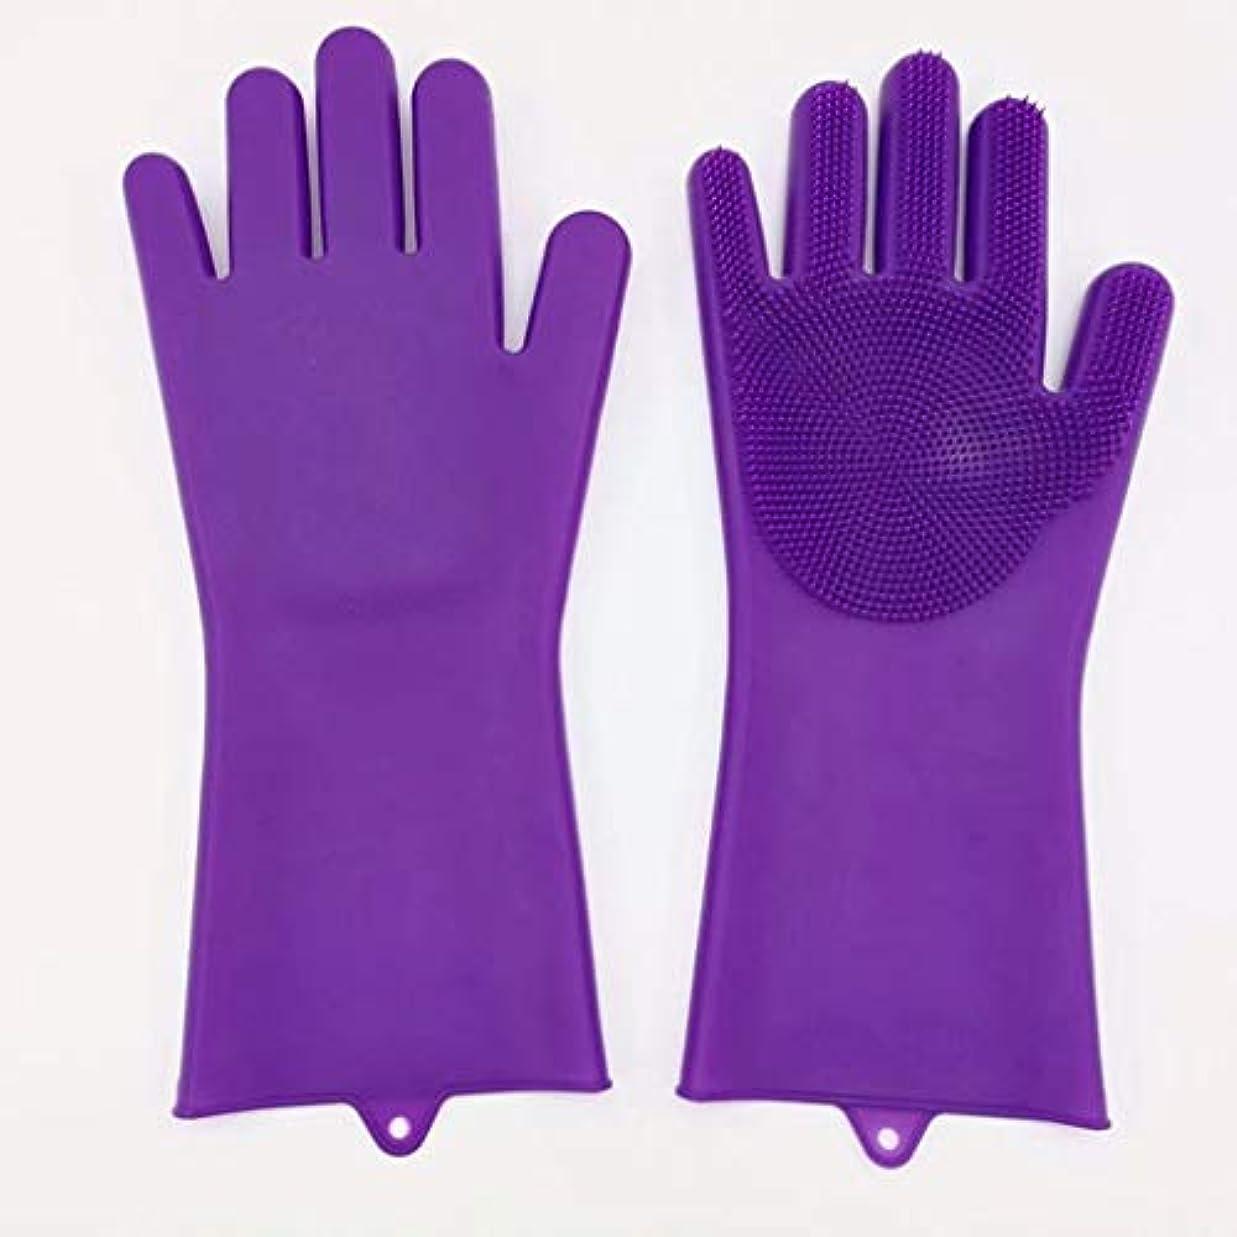 レルム顔料分泌するYYFRB 食器洗い用シリコーン手袋、台所掃除用マジックグローブ、滑り止め防水高温手袋3色オプション 手袋 (Color : Purple)